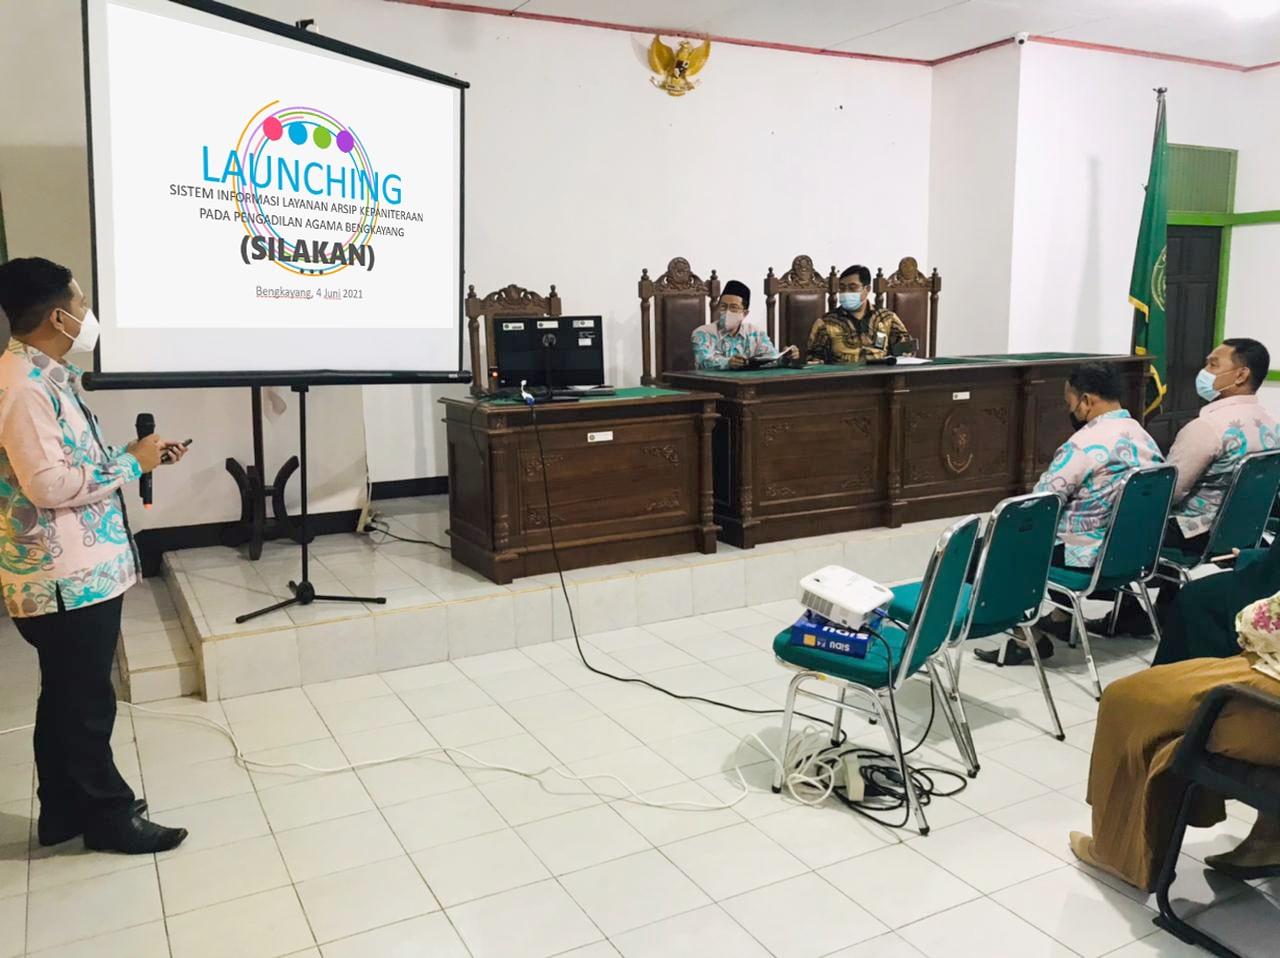 launching silakan1 min